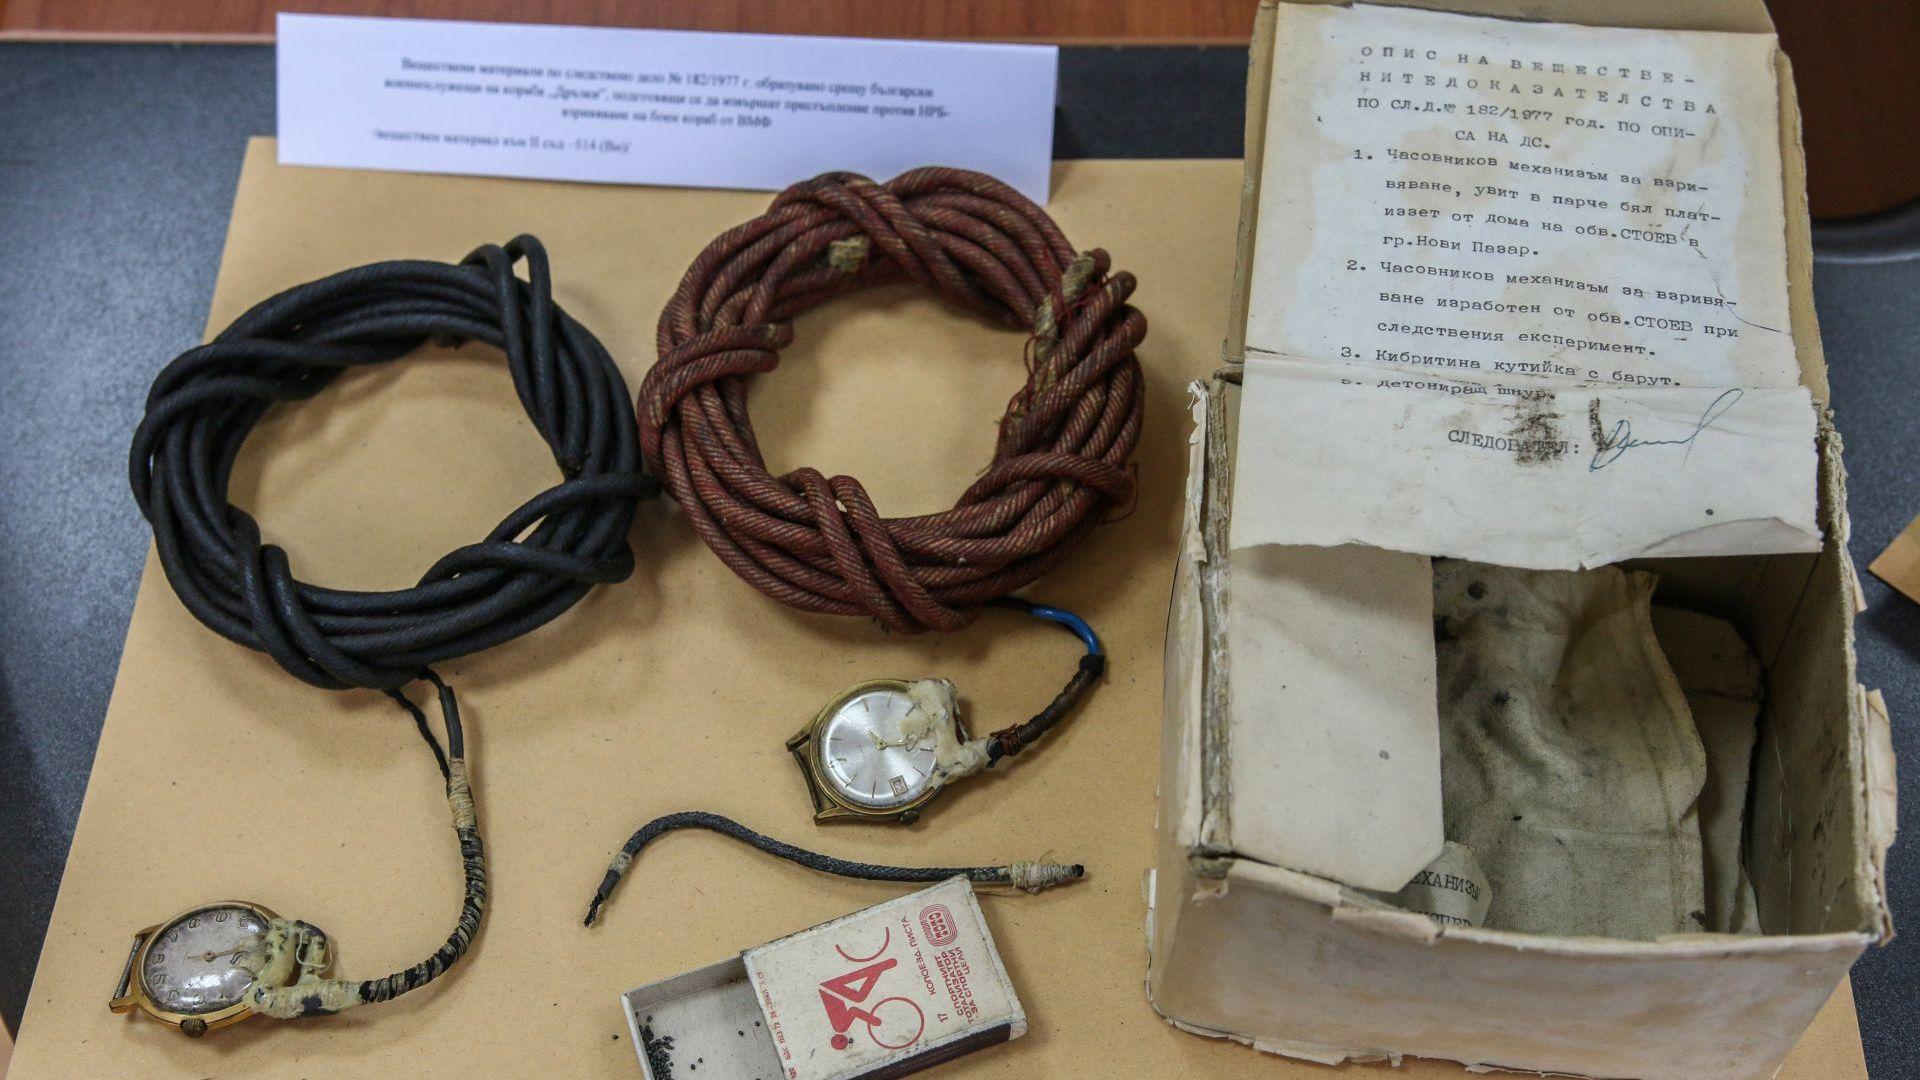 Уникални снимки и видео от архивите на Държавна сигурност